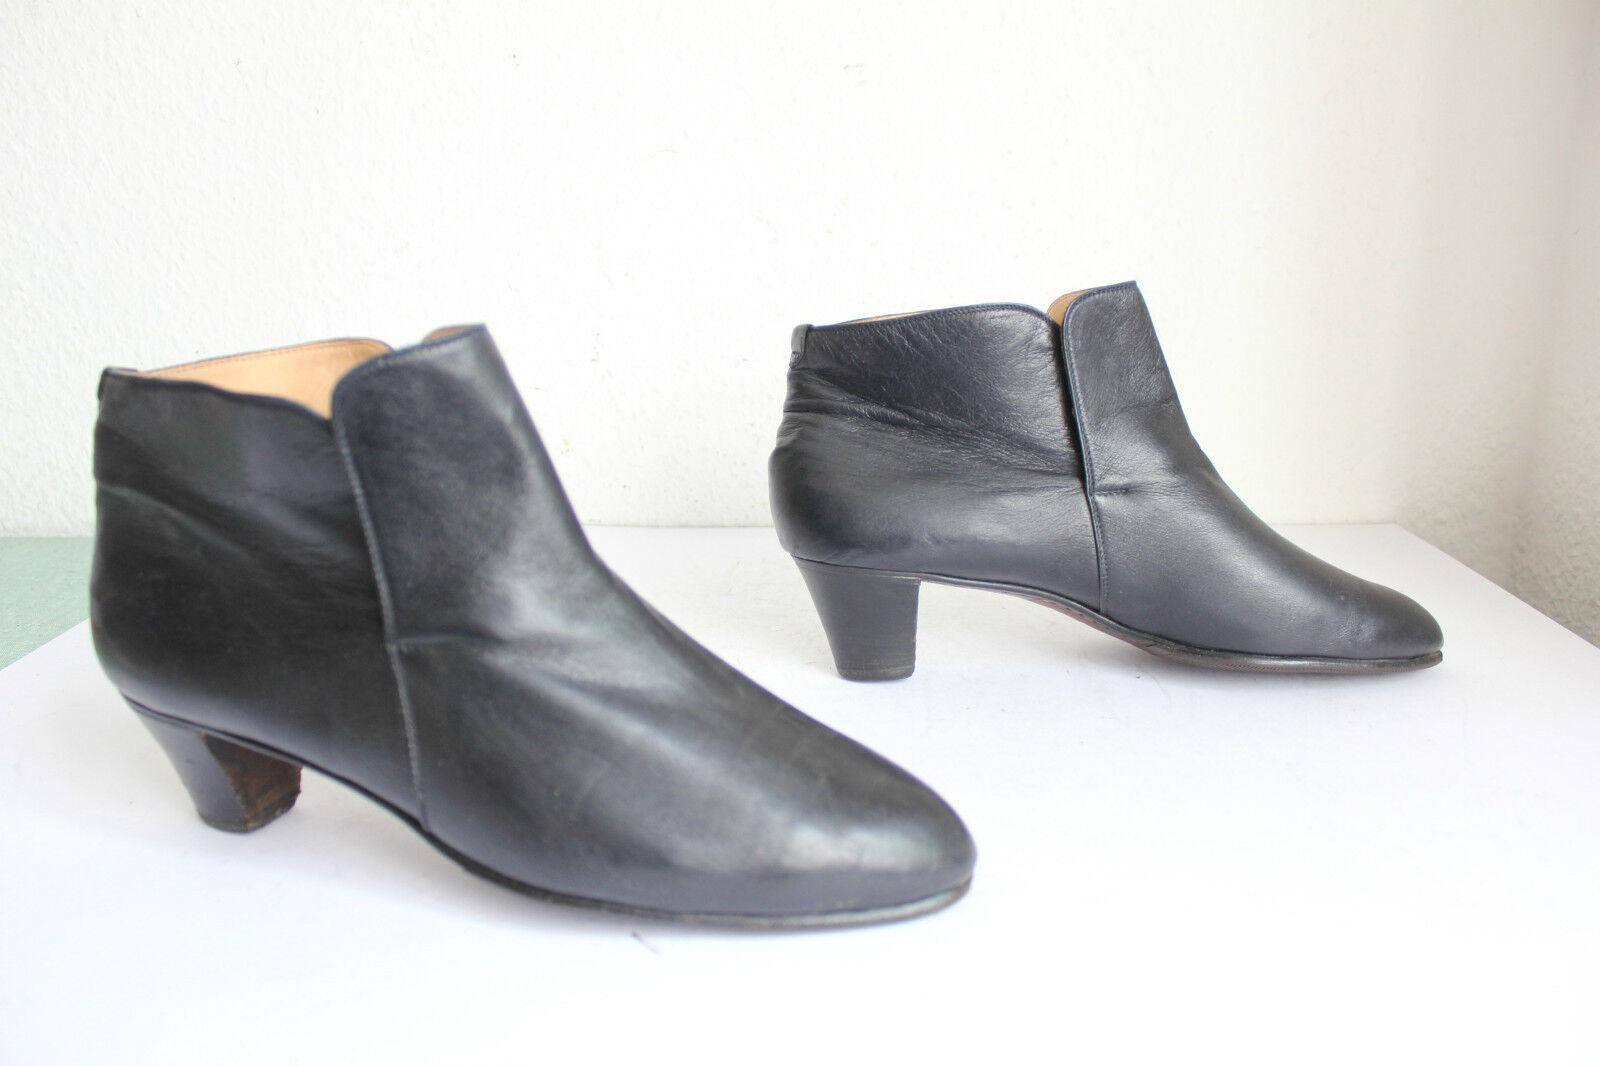 Vintage Quarvif Venezia Elegante Stiefeletten Stiefel Voll Echtleder Schwarz 41,5